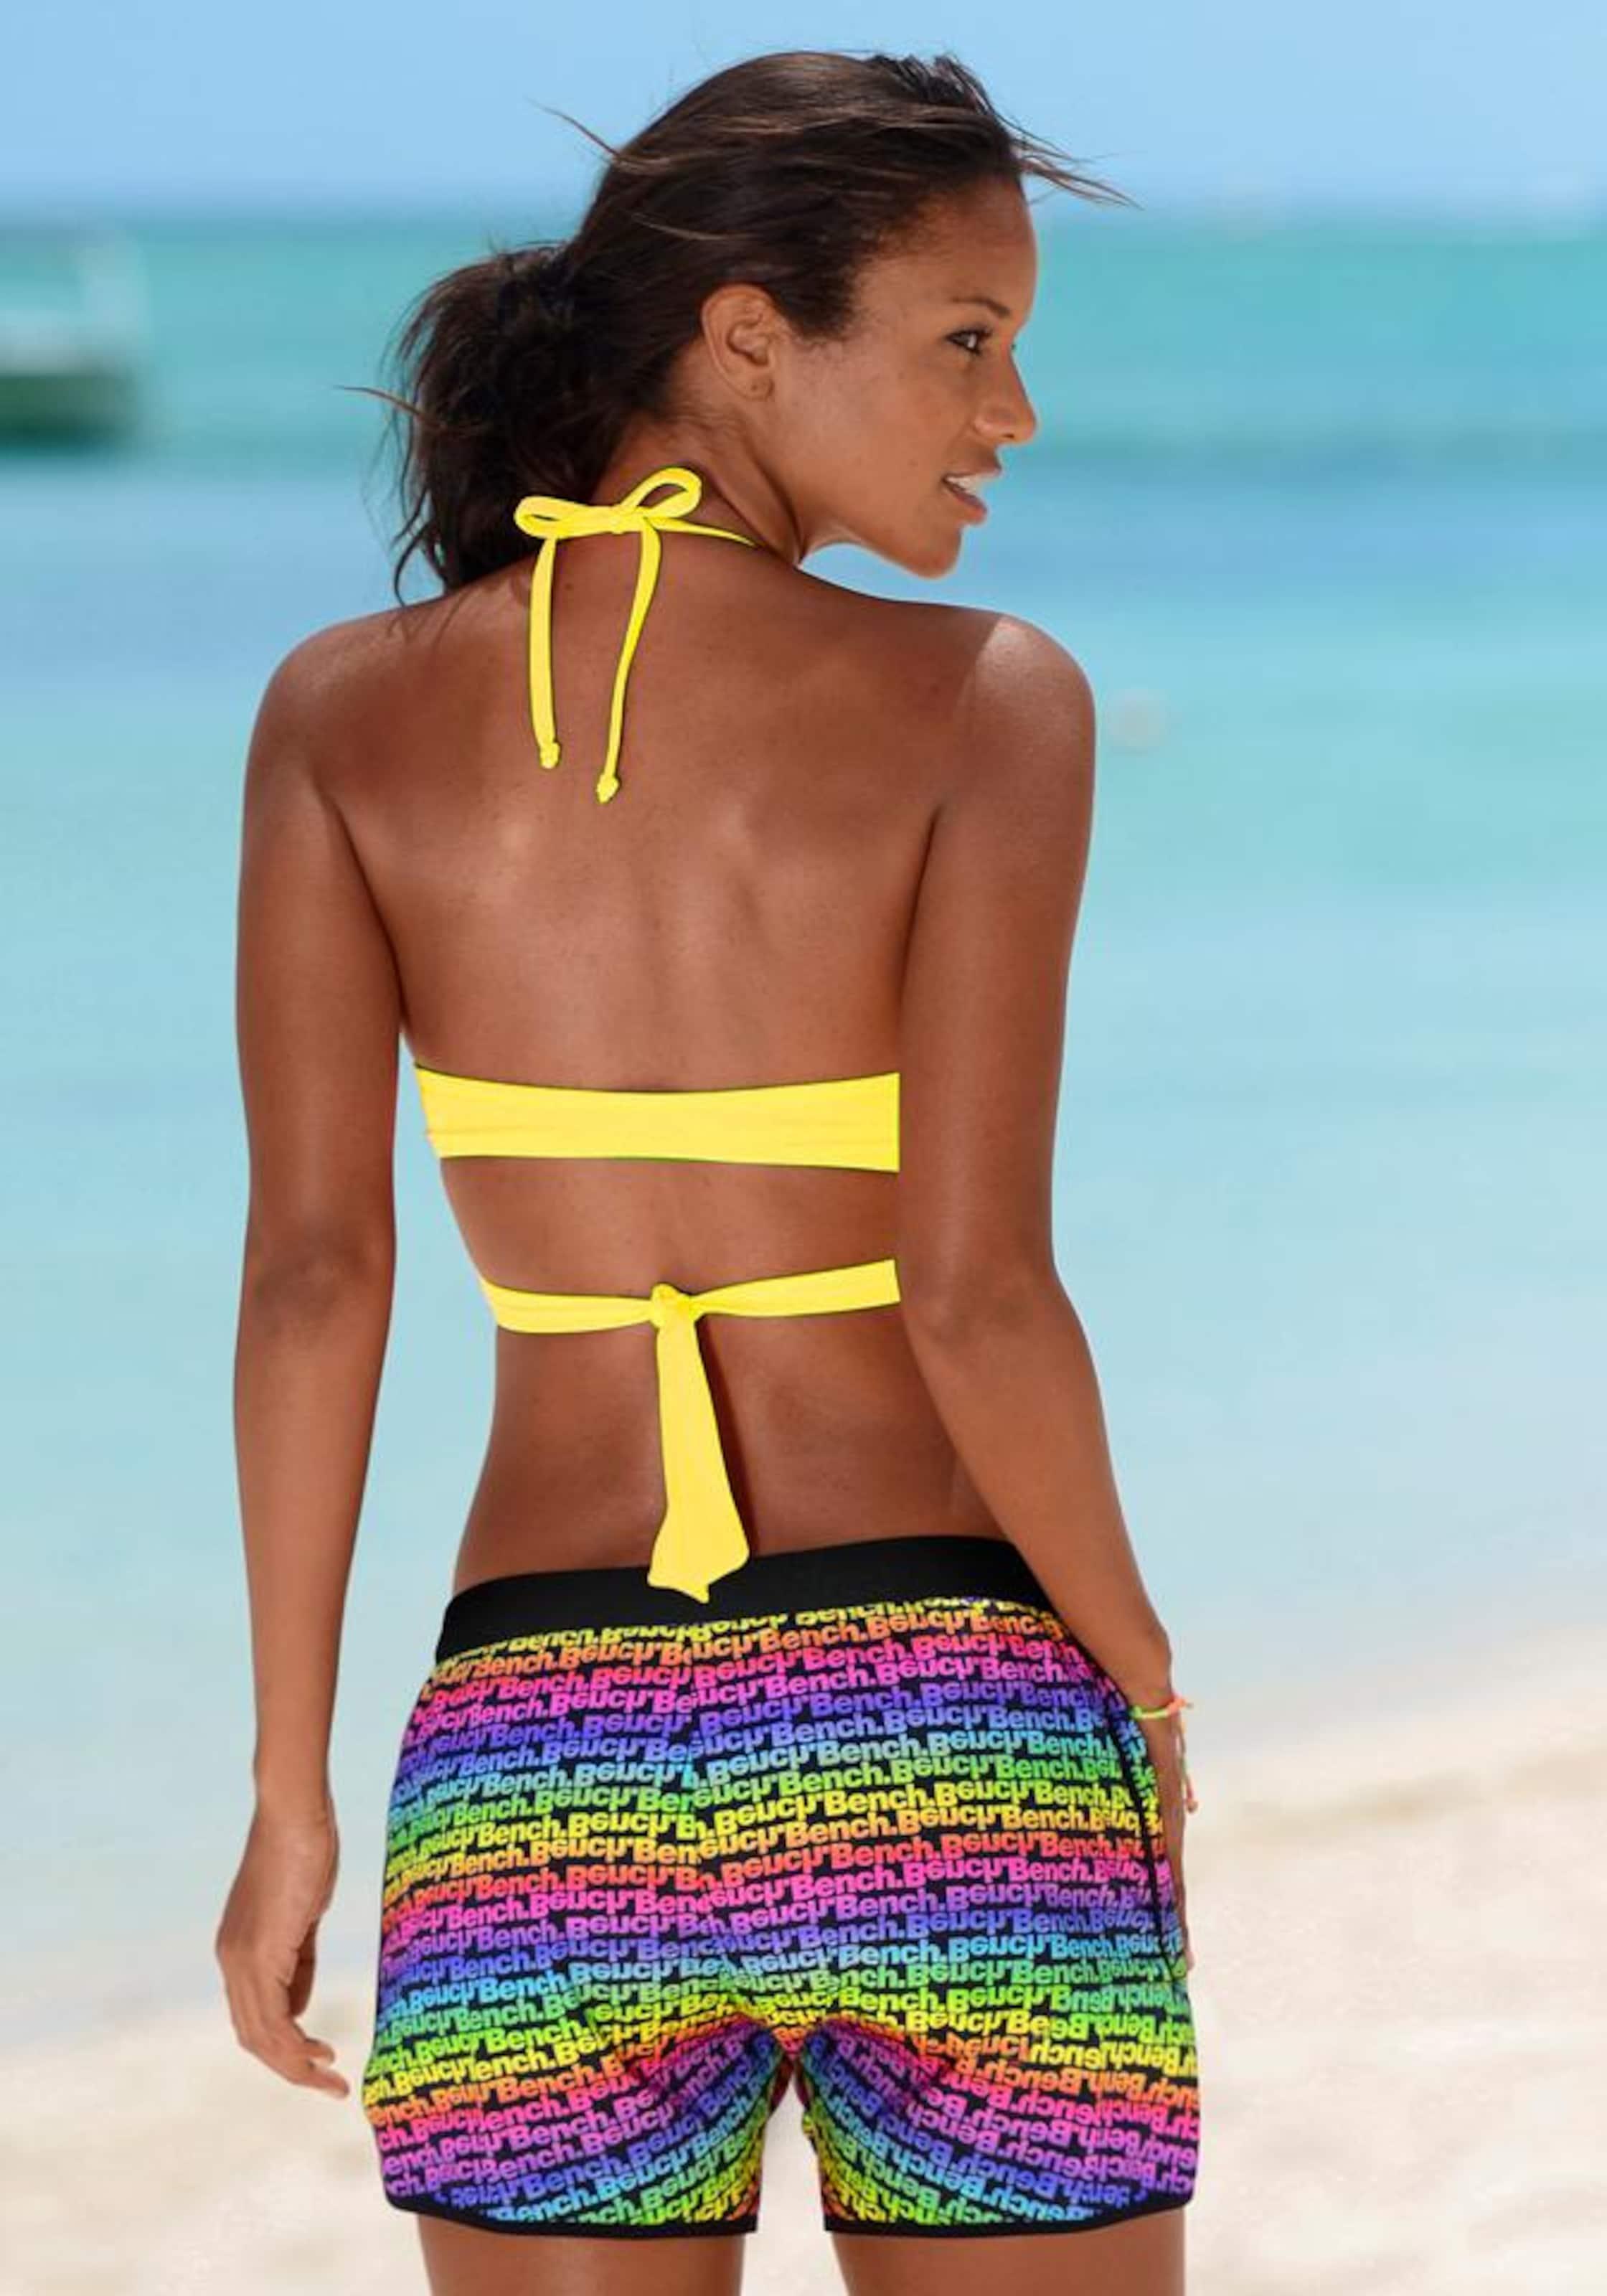 Auslasszwischenraum BENCH Triangel-Bikini in Wickeloptik Aberdeen Rabatt Sehr Billig 776pk5AkFS